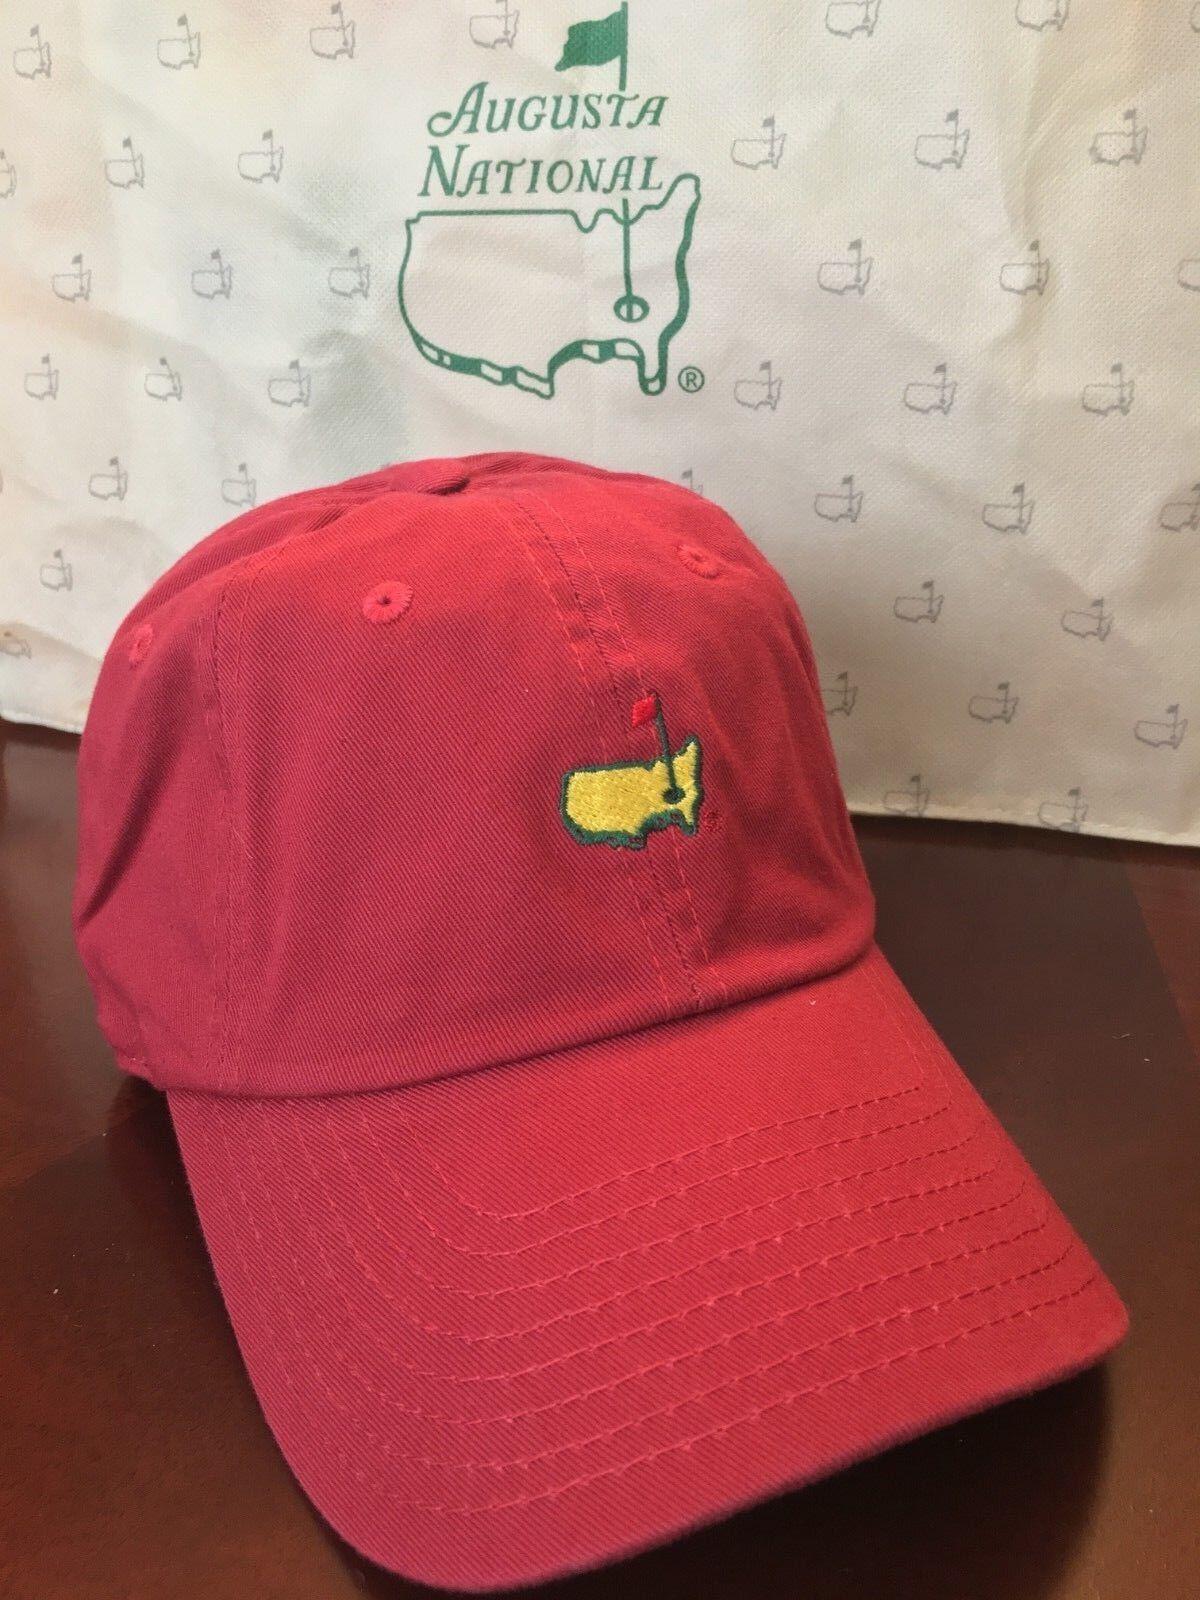 Augusta National miembros logotipo en rojo-sólo Sombrero muy raro no maestros del artículo ANGC